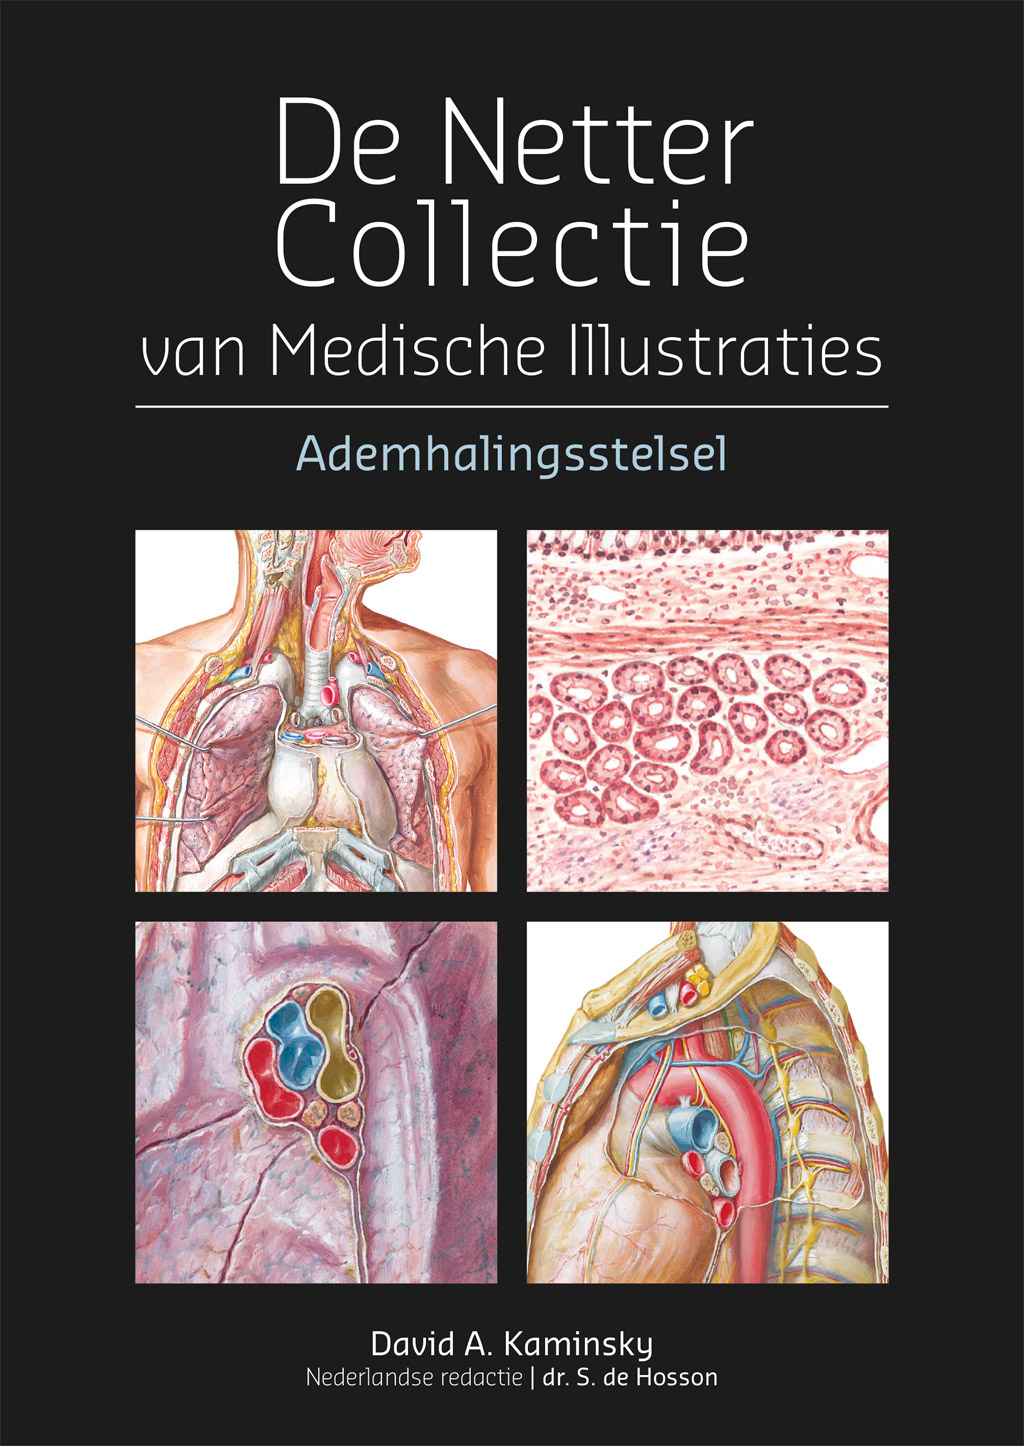 Encyclopedie De Netter Collectie (Ademhalingsstelsel) - Cover